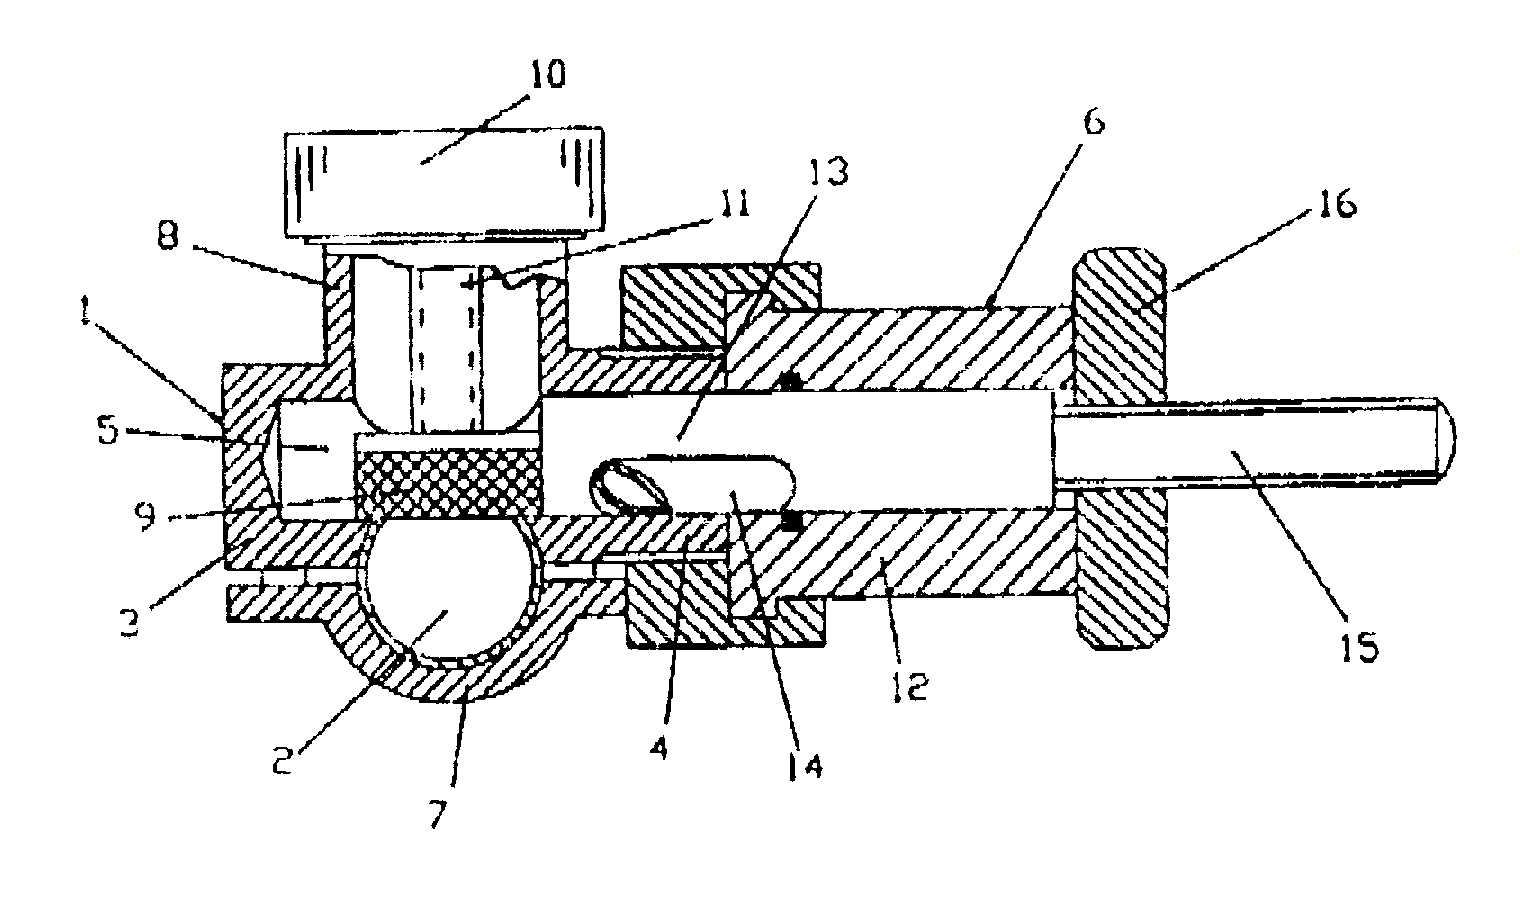 Zawór do podłączania przewodów rozgałęźnych do istniejącego przewodu wypełnionego gazem albo płynem